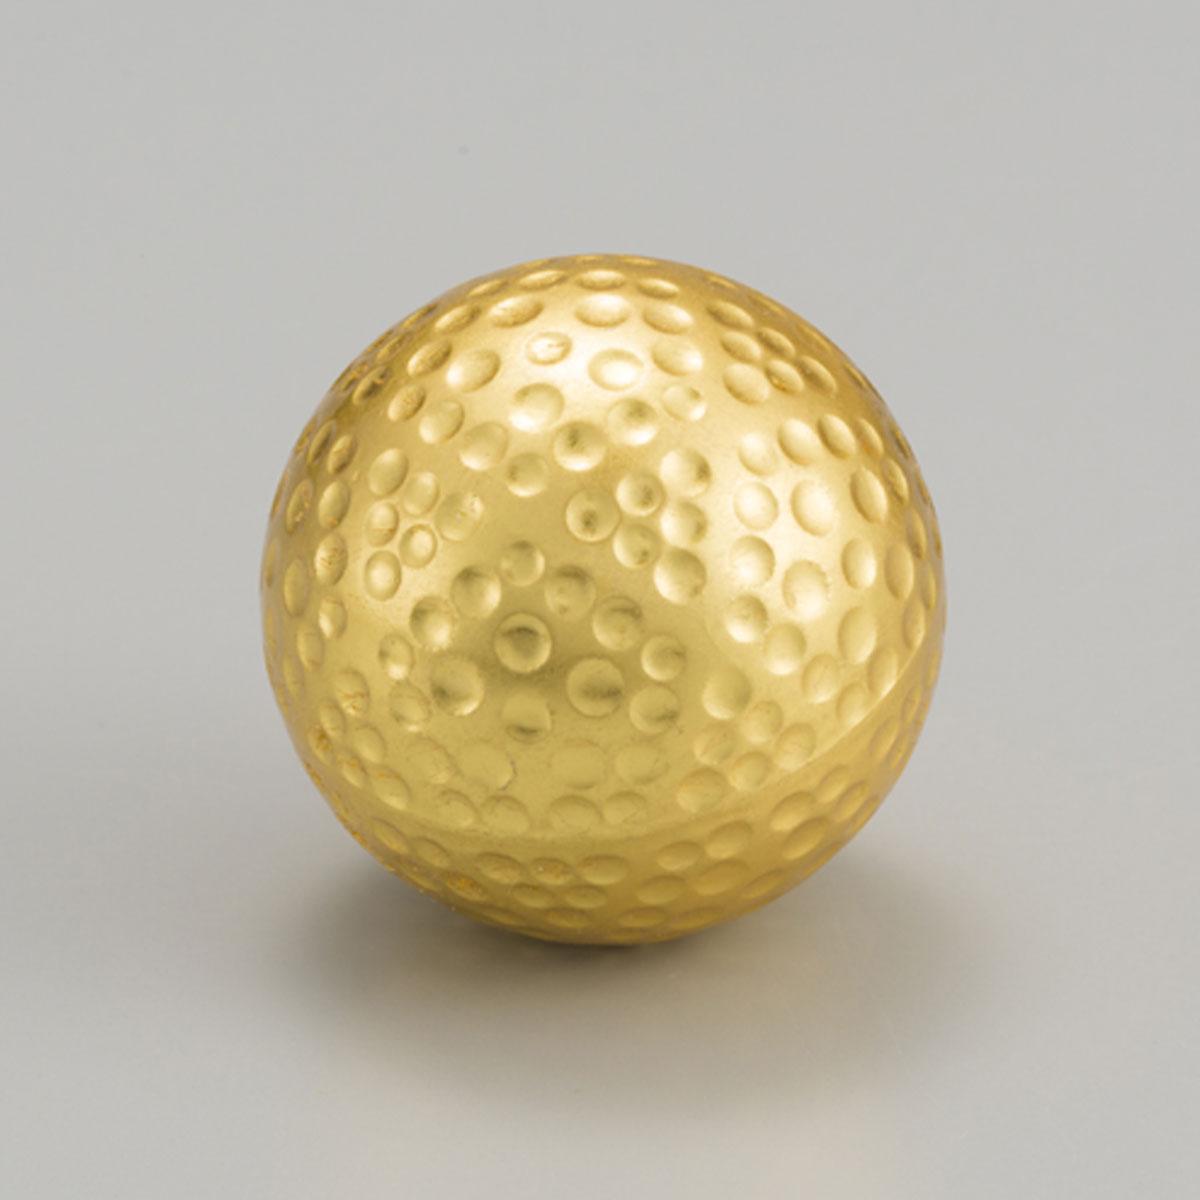 『金沢箔』ゴルフボール&ティーセット